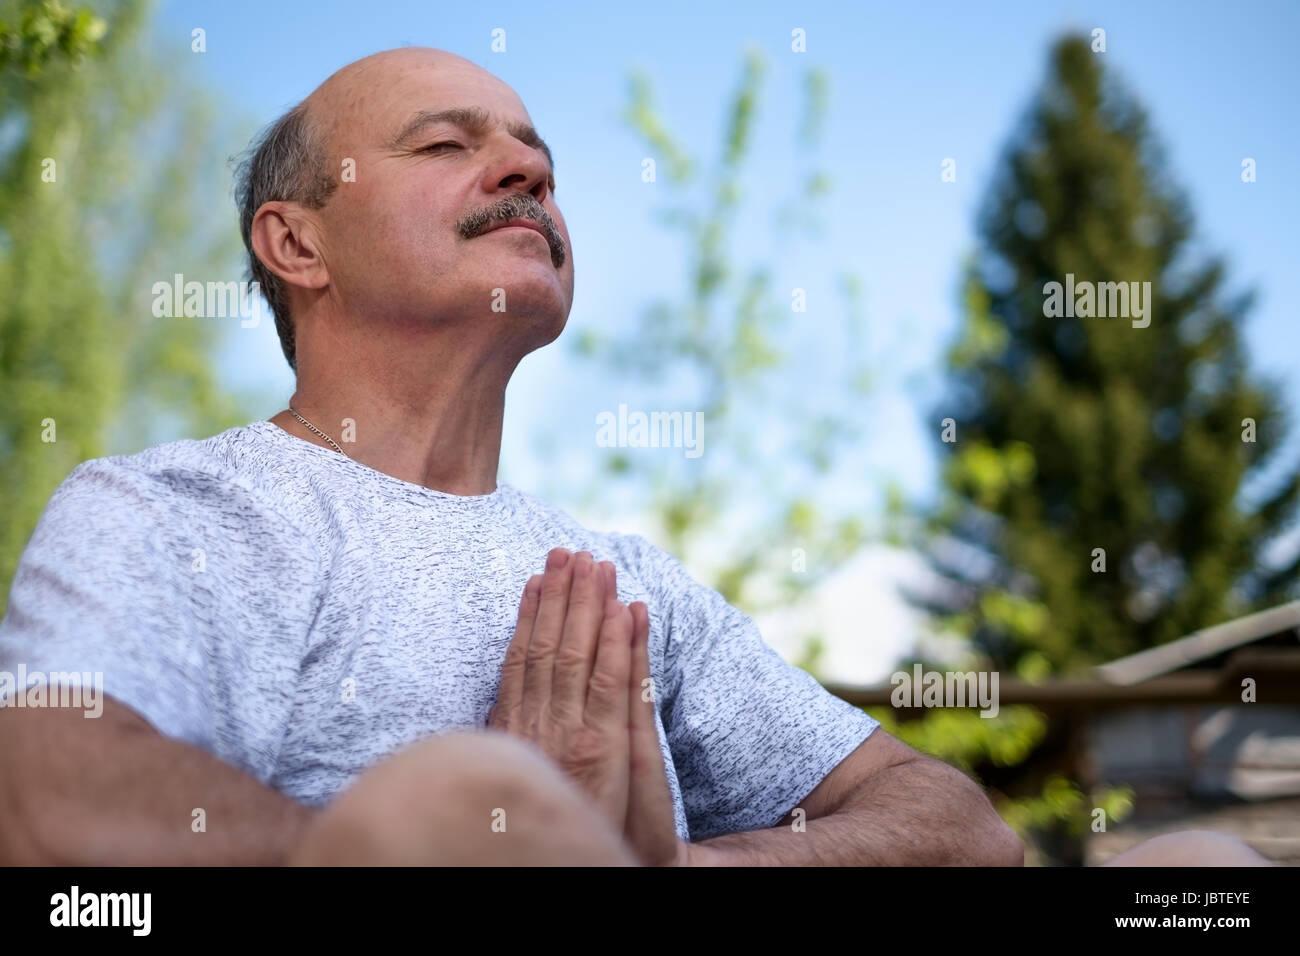 Senior uomo con i baffi con namaste seduta.Concetto di calma e di meditazione. Immagini Stock